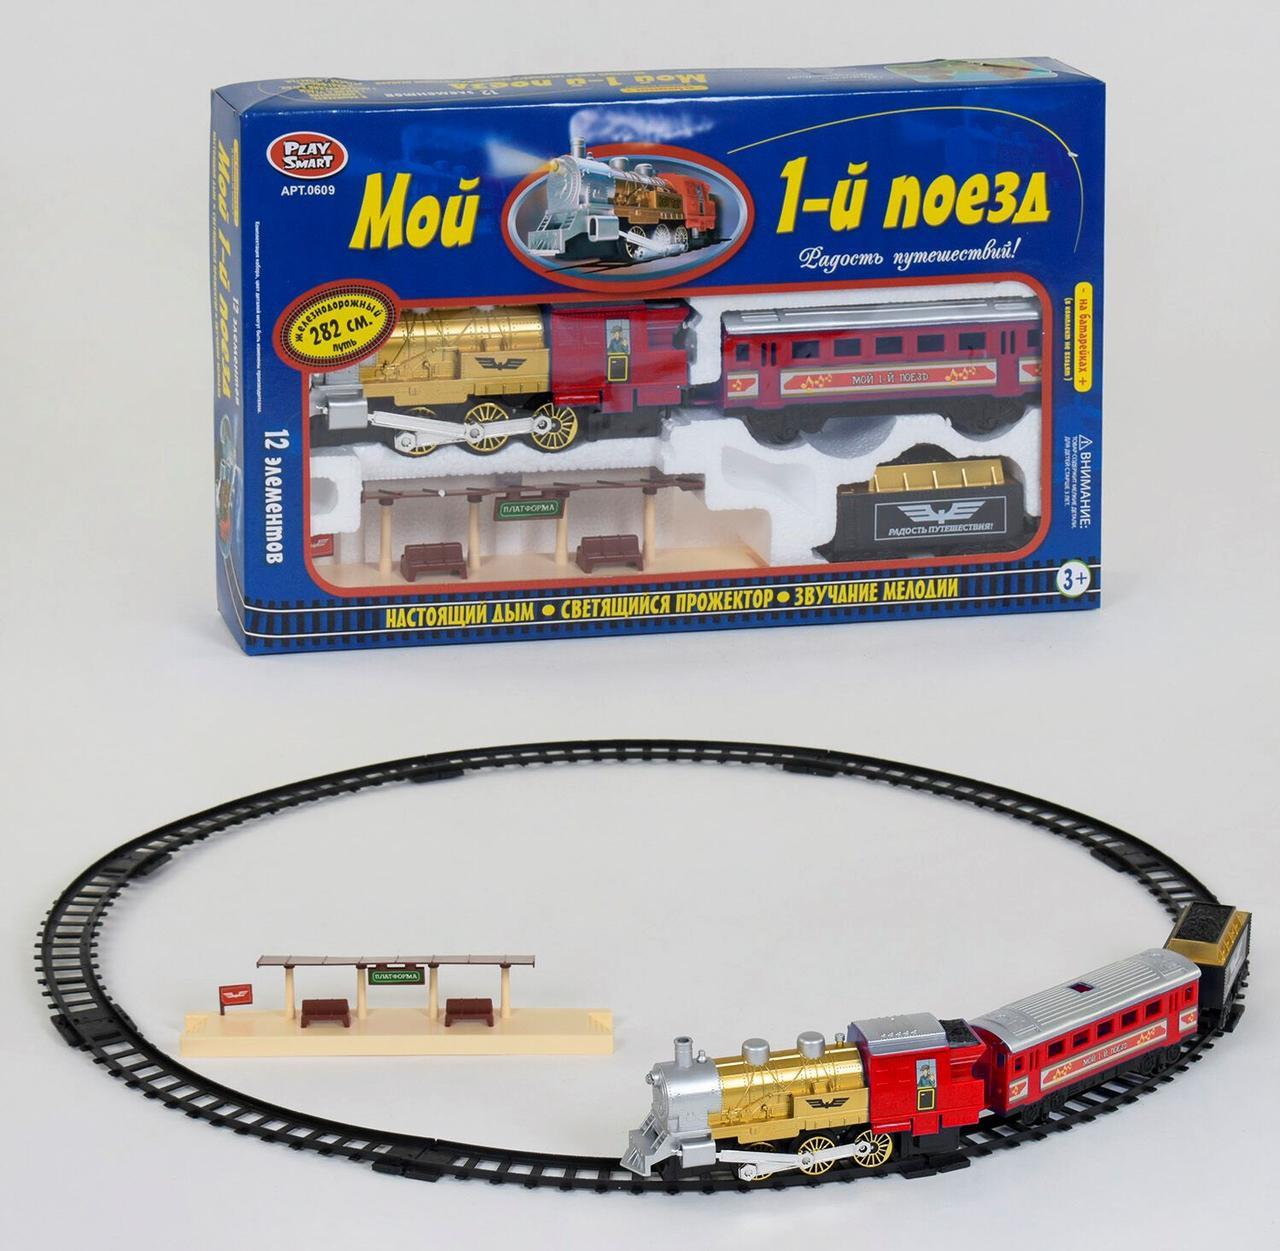 """Железная дорога """"Мой 1-й поезд"""" Play Smart, на батарейке, 12 элементов, дым, свет прожектора, звучание"""